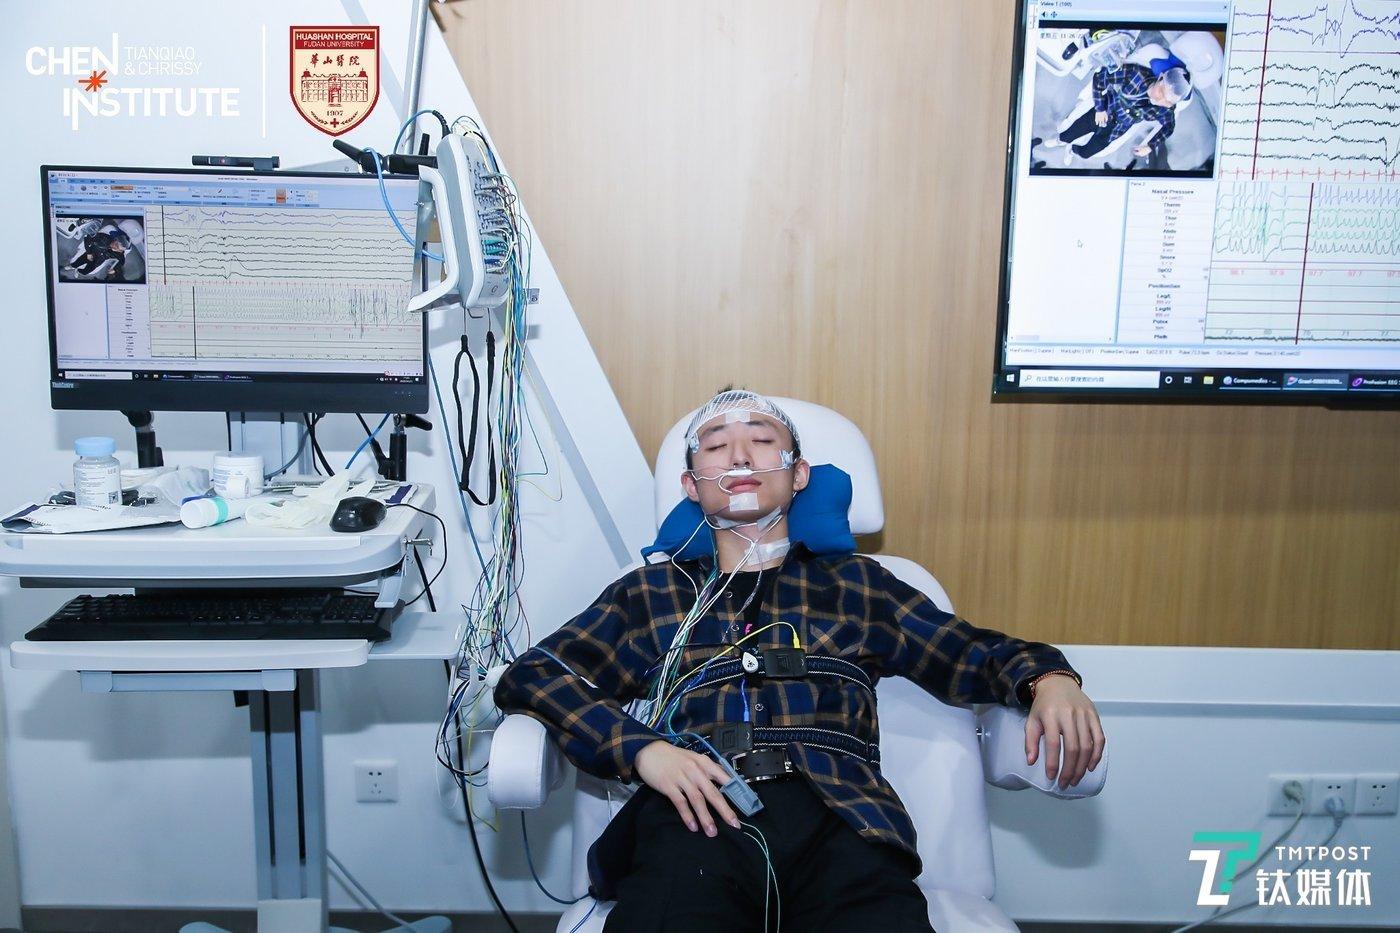 男子通过PSG设备和数据监测提升睡眠质量(来源:TCCI)